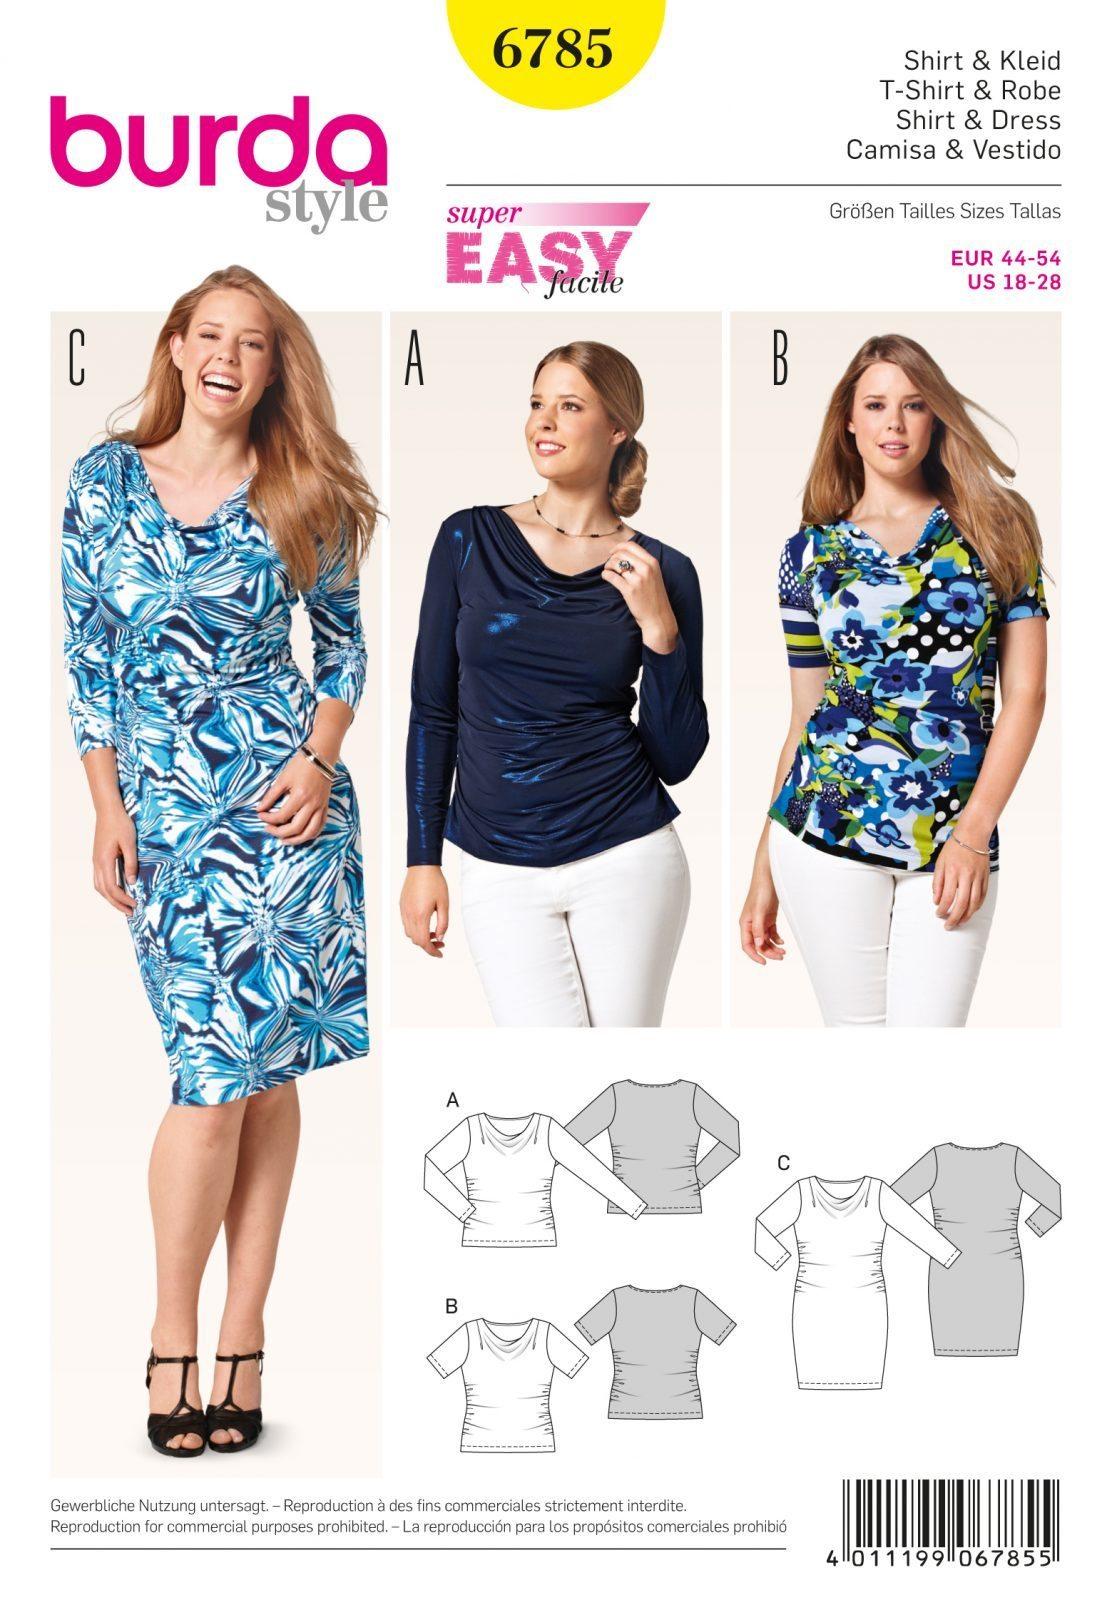 Burda sewing pattern 6785 fabric land burda sewing pattern 6735 jeuxipadfo Choice Image